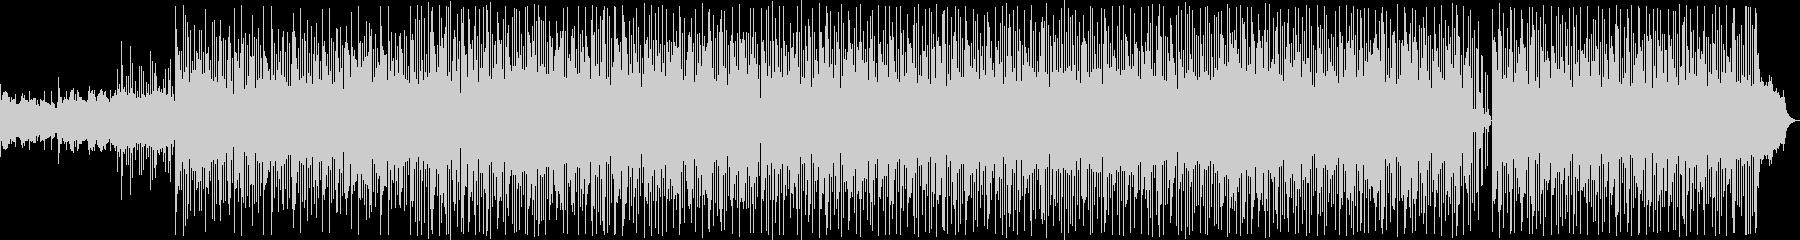 ムーディな雰囲気のジャズバラード2の未再生の波形